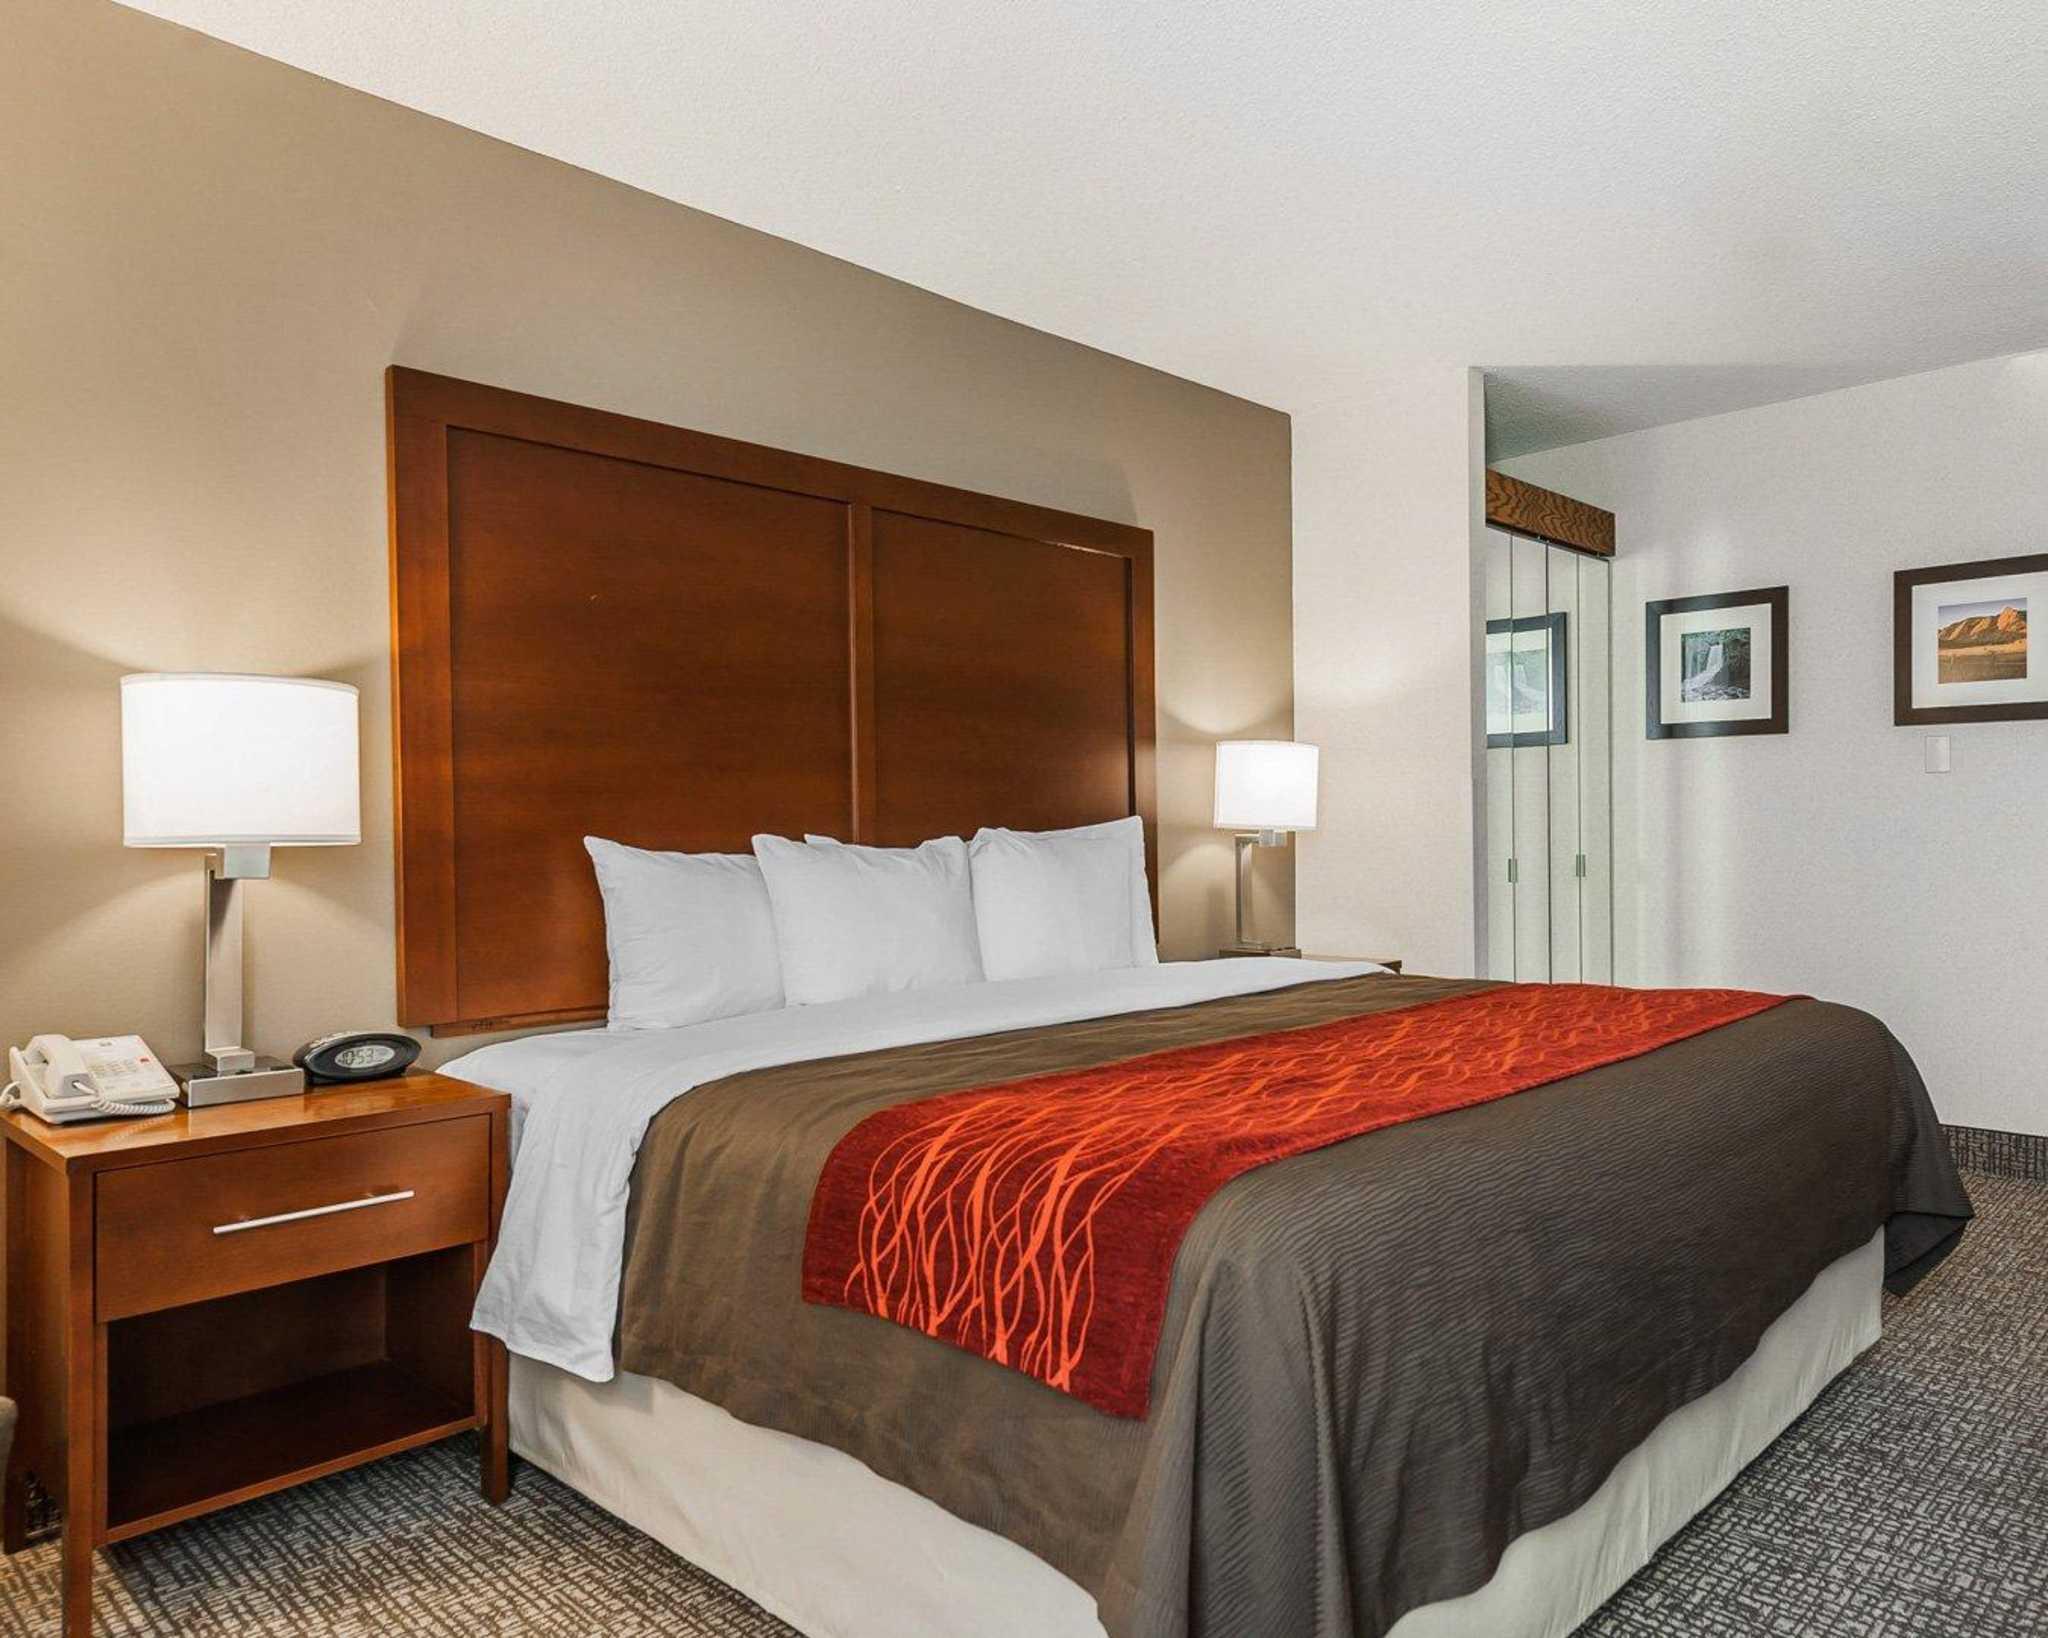 Comfort Inn Denver East image 0